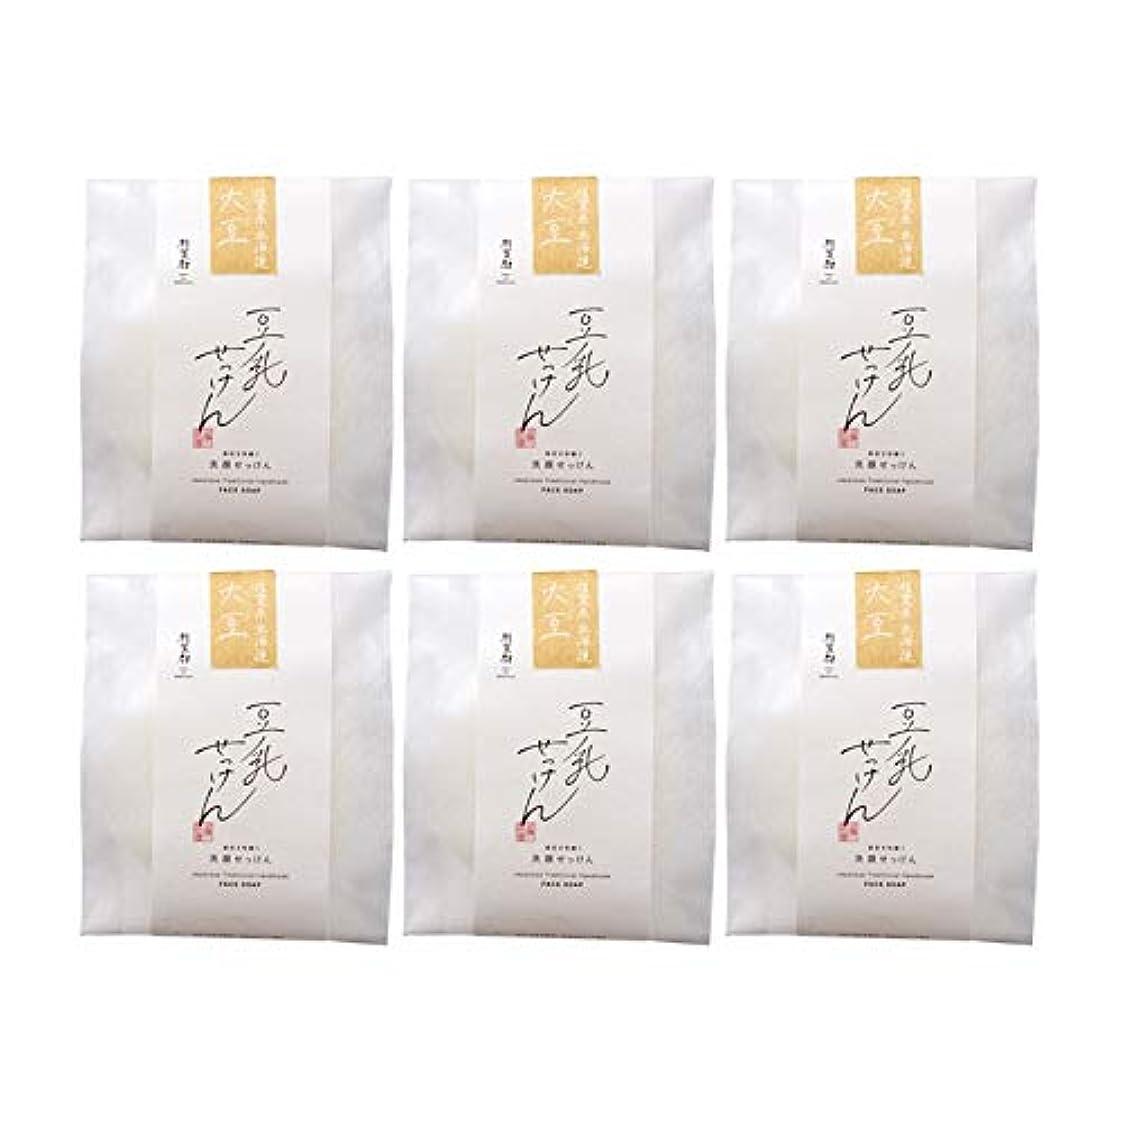 天文学宗教的なエンコミウム豆腐の盛田屋 豆乳せっけん 自然生活 100g×6個セット